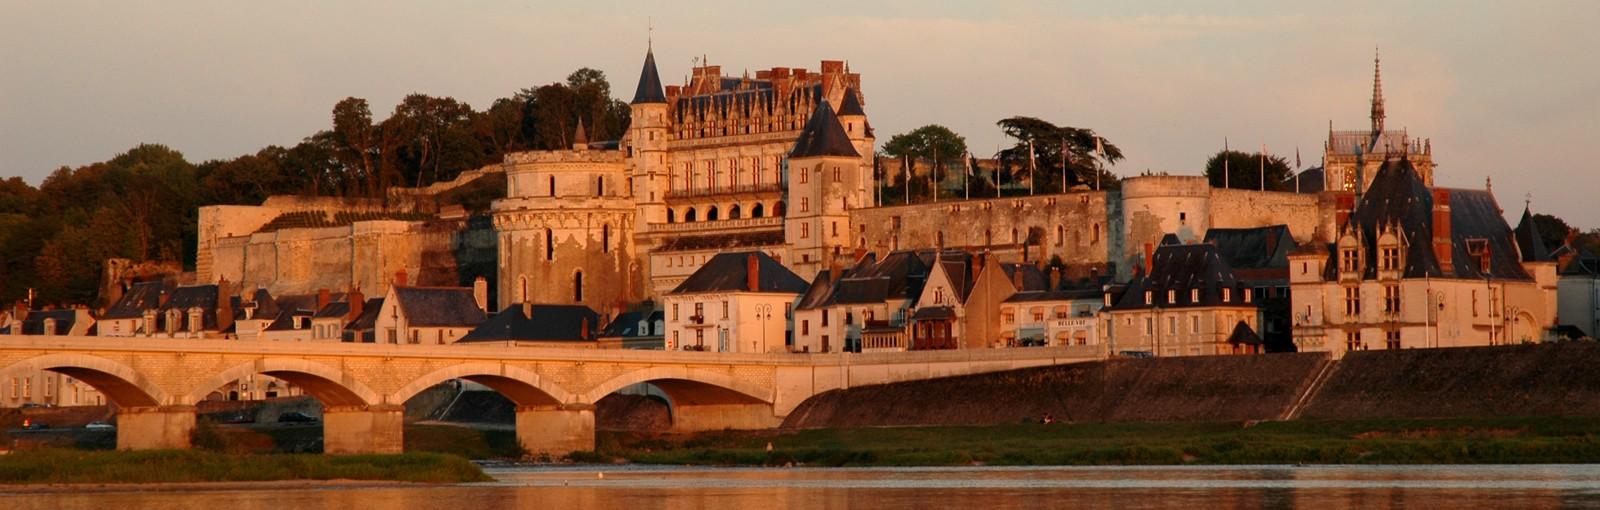 Tours Normandía, Mont-Saint-Michel, Loire, Chartres y Versalles - Multi-régional - Circuitos desde Paris